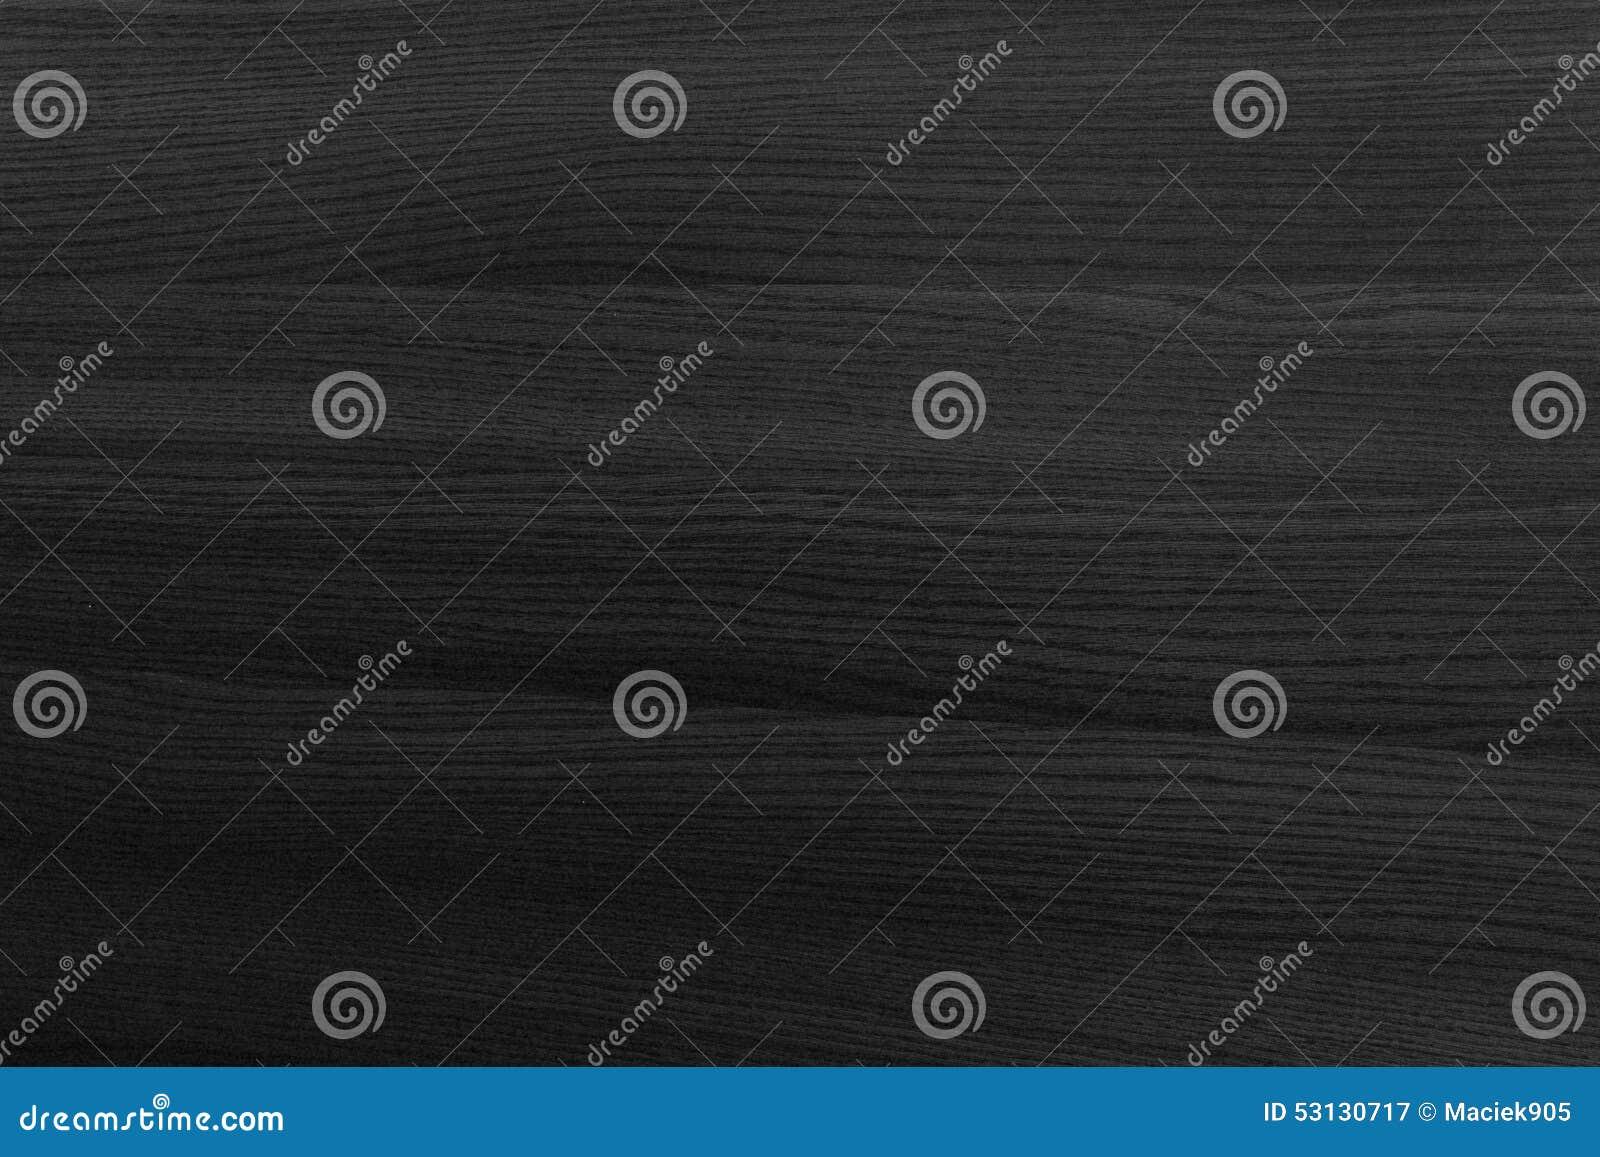 Wooden tiles floor texture  Black wood. Wooden Tiles Floor Texture  Black Wood Stock Illustration   Image